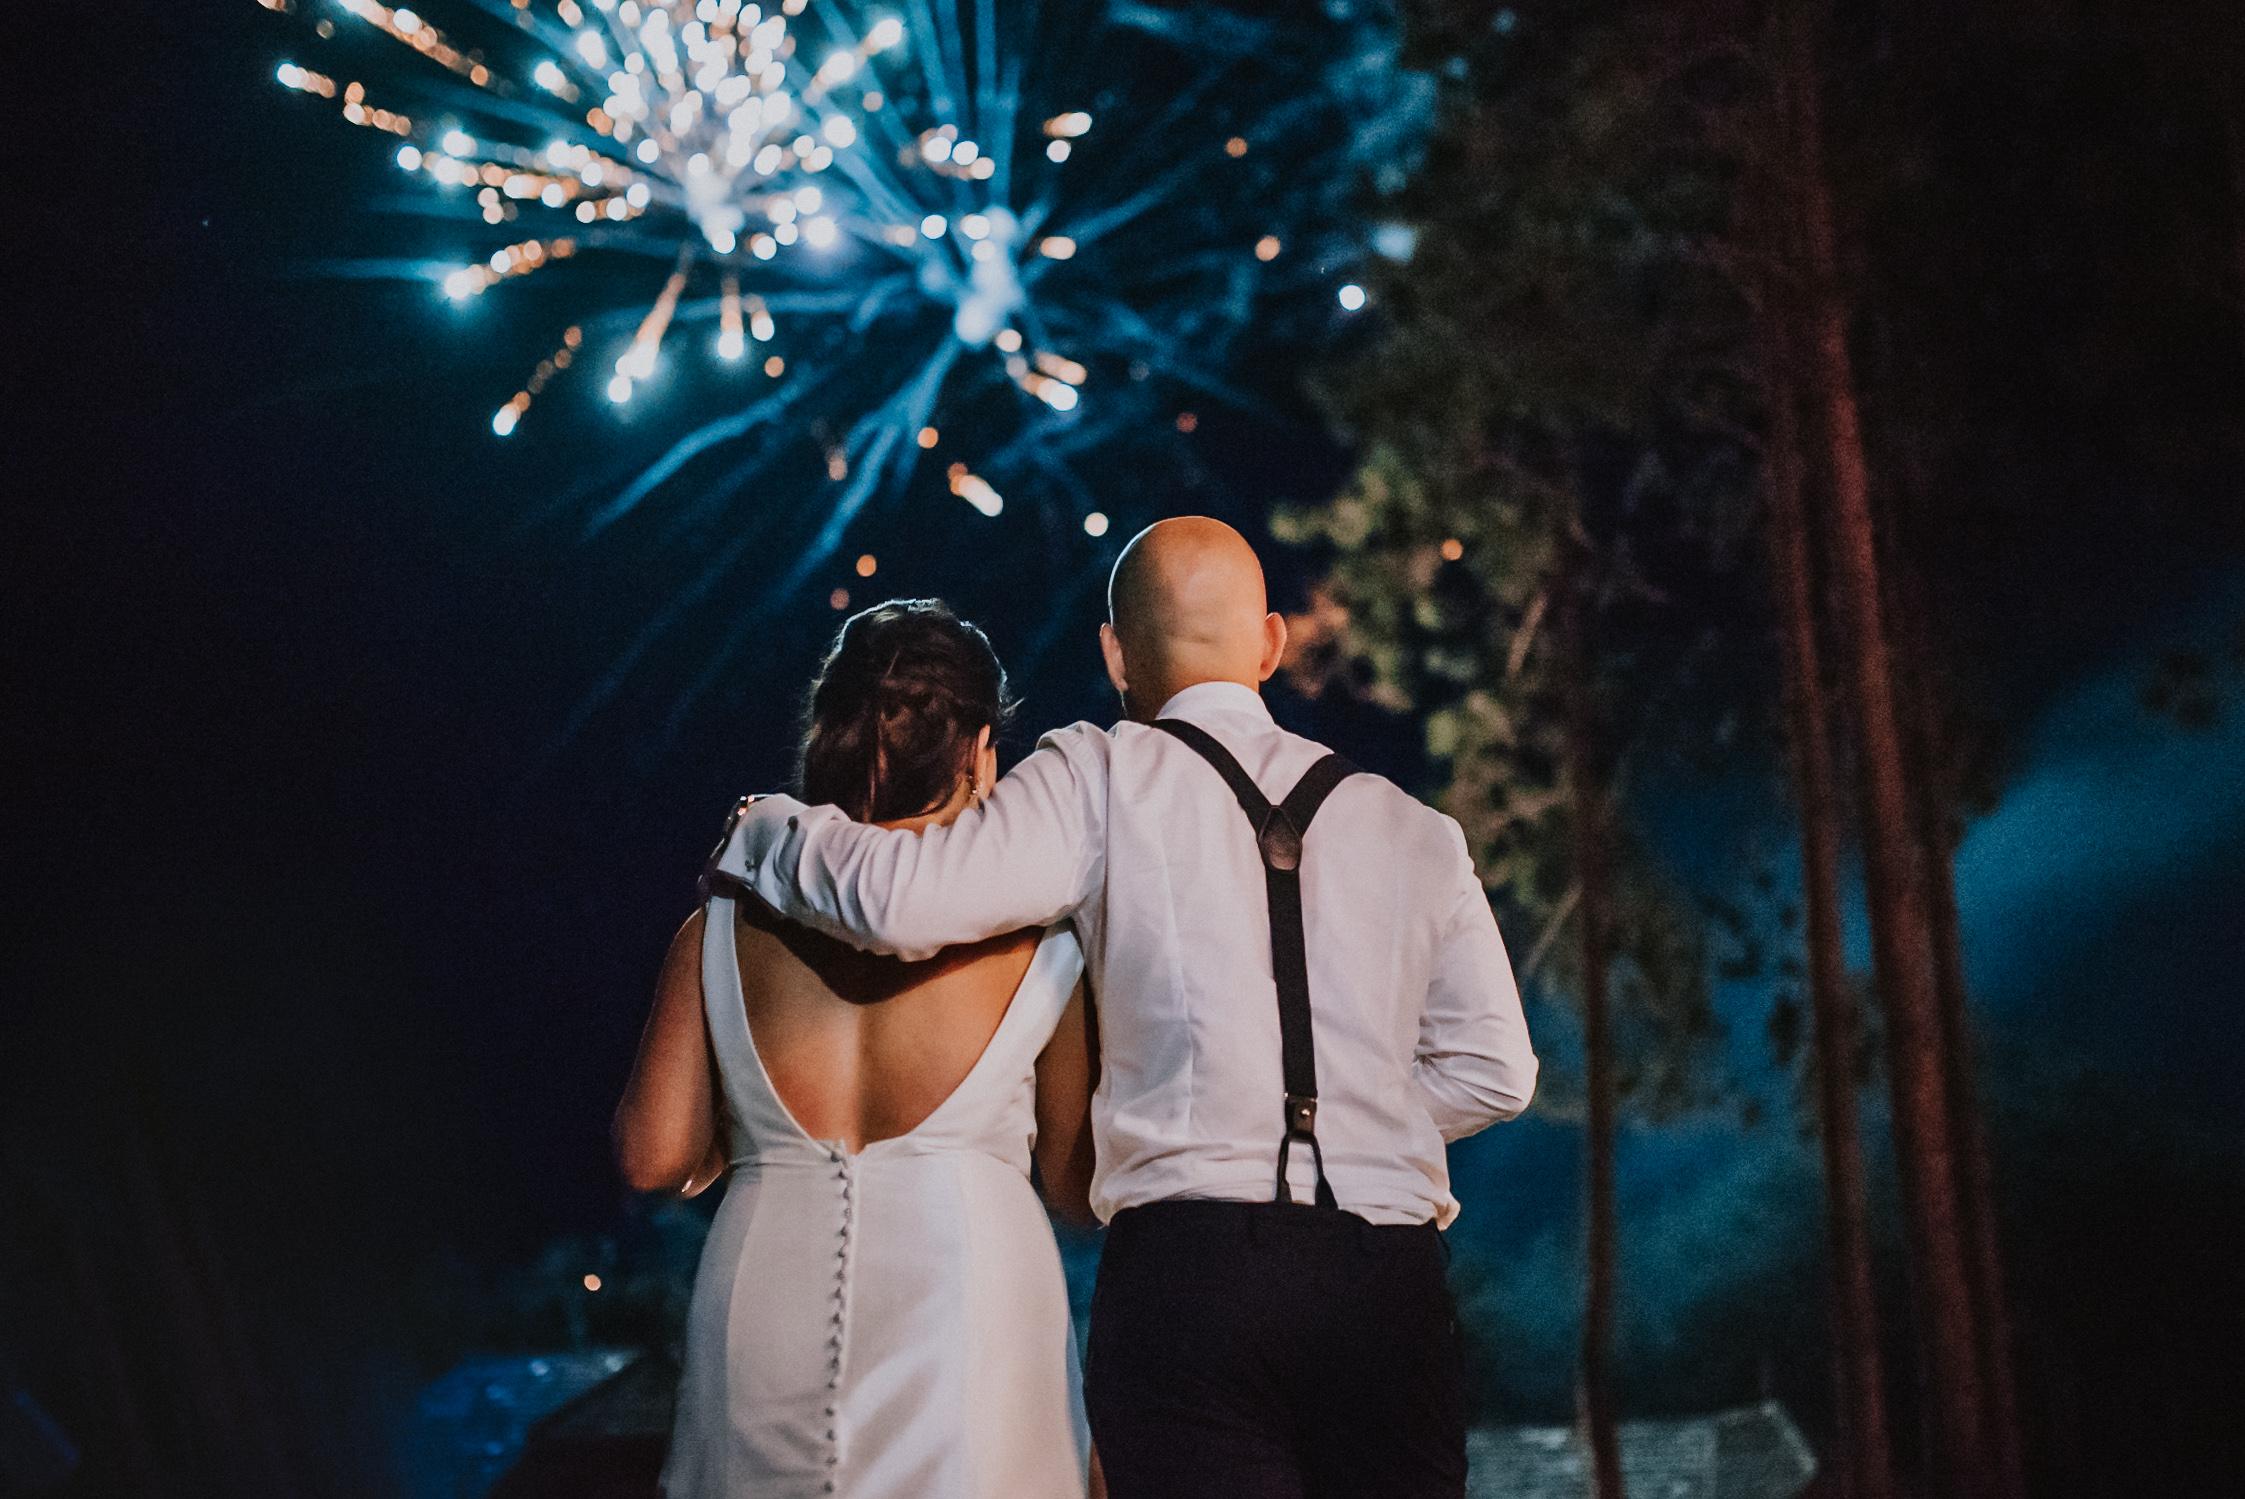 Bride and groom fireworks celebration